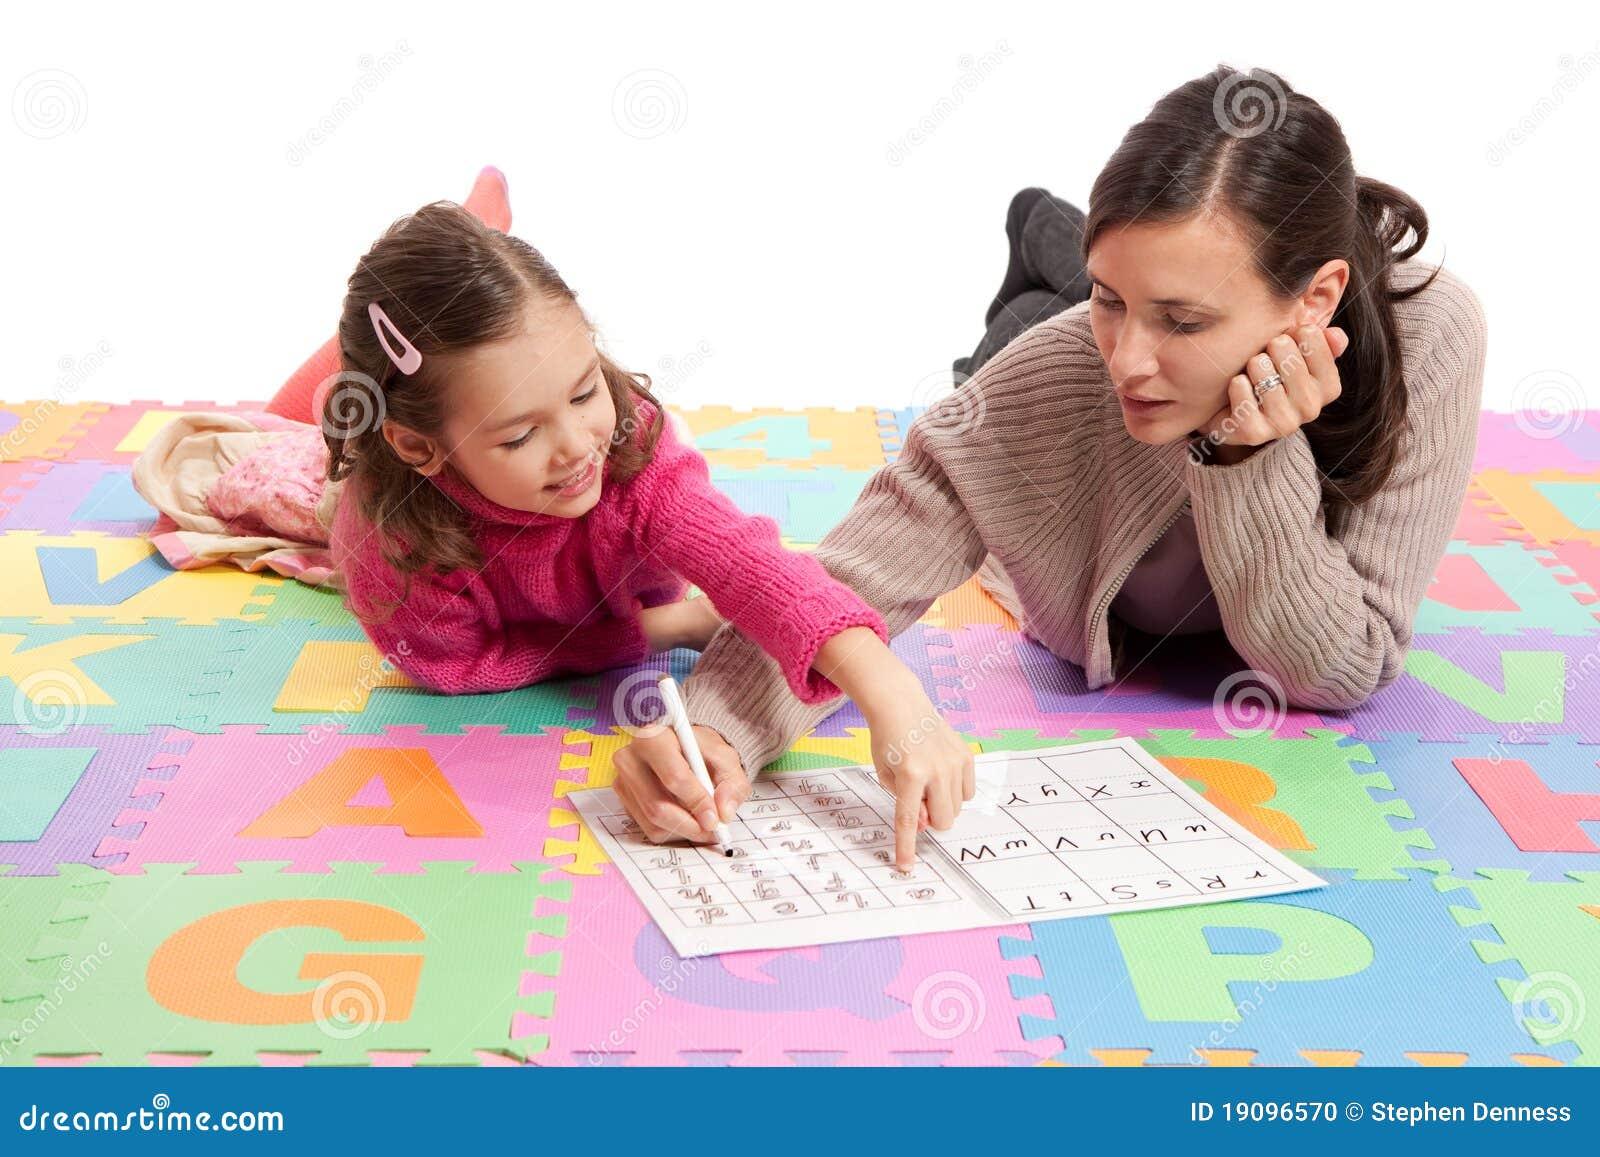 Lernen von Handschriftspraxis mit Lehrer